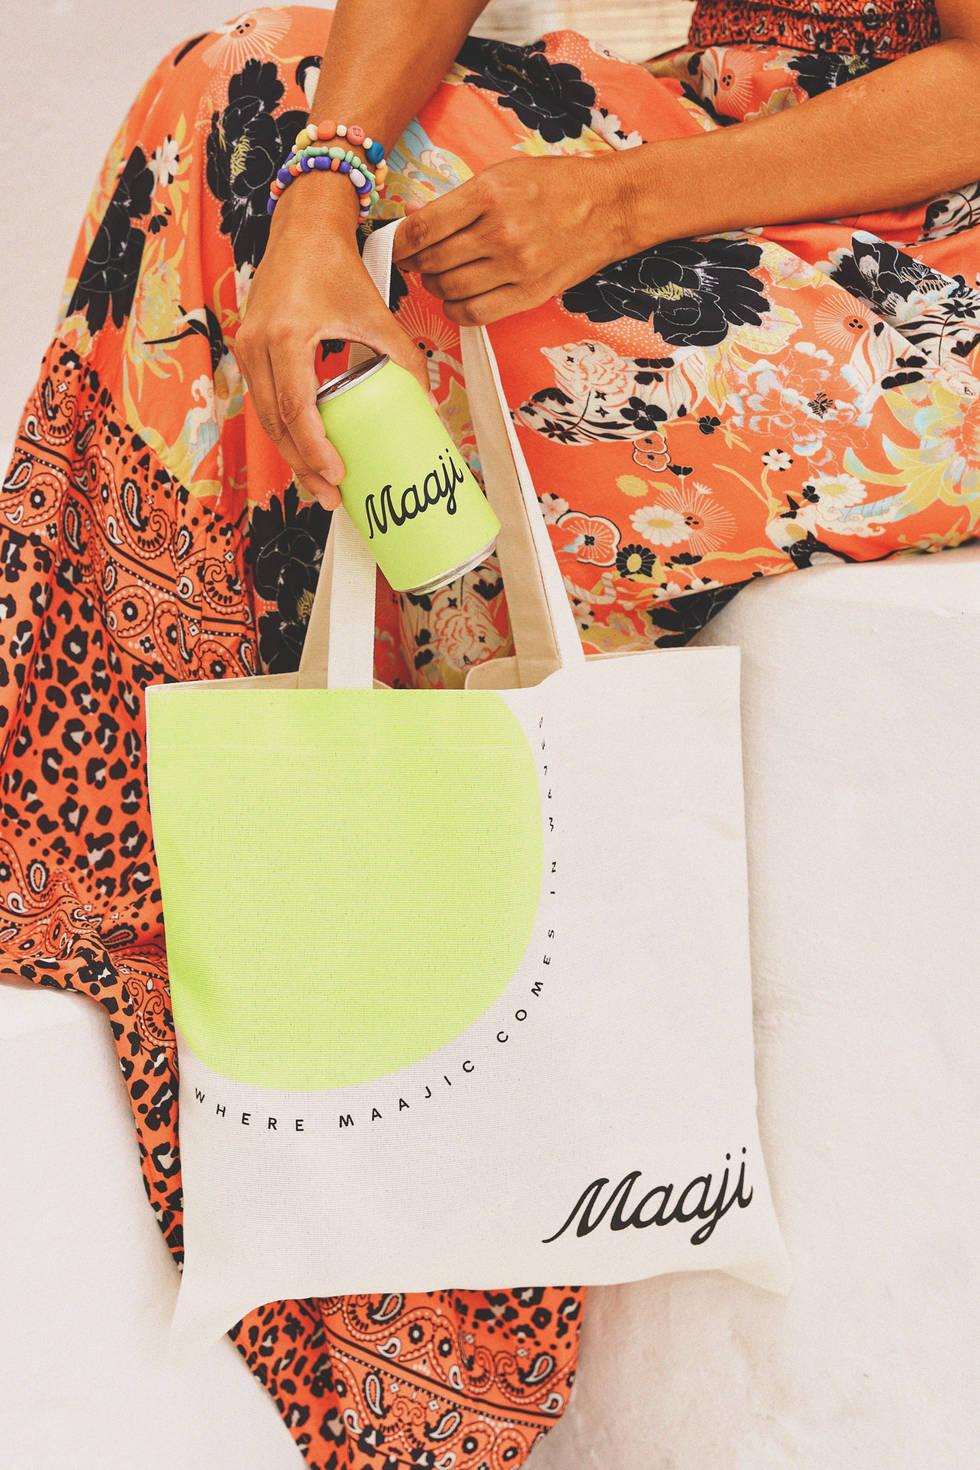 MAAJI_BY_INVADE 8.jpg